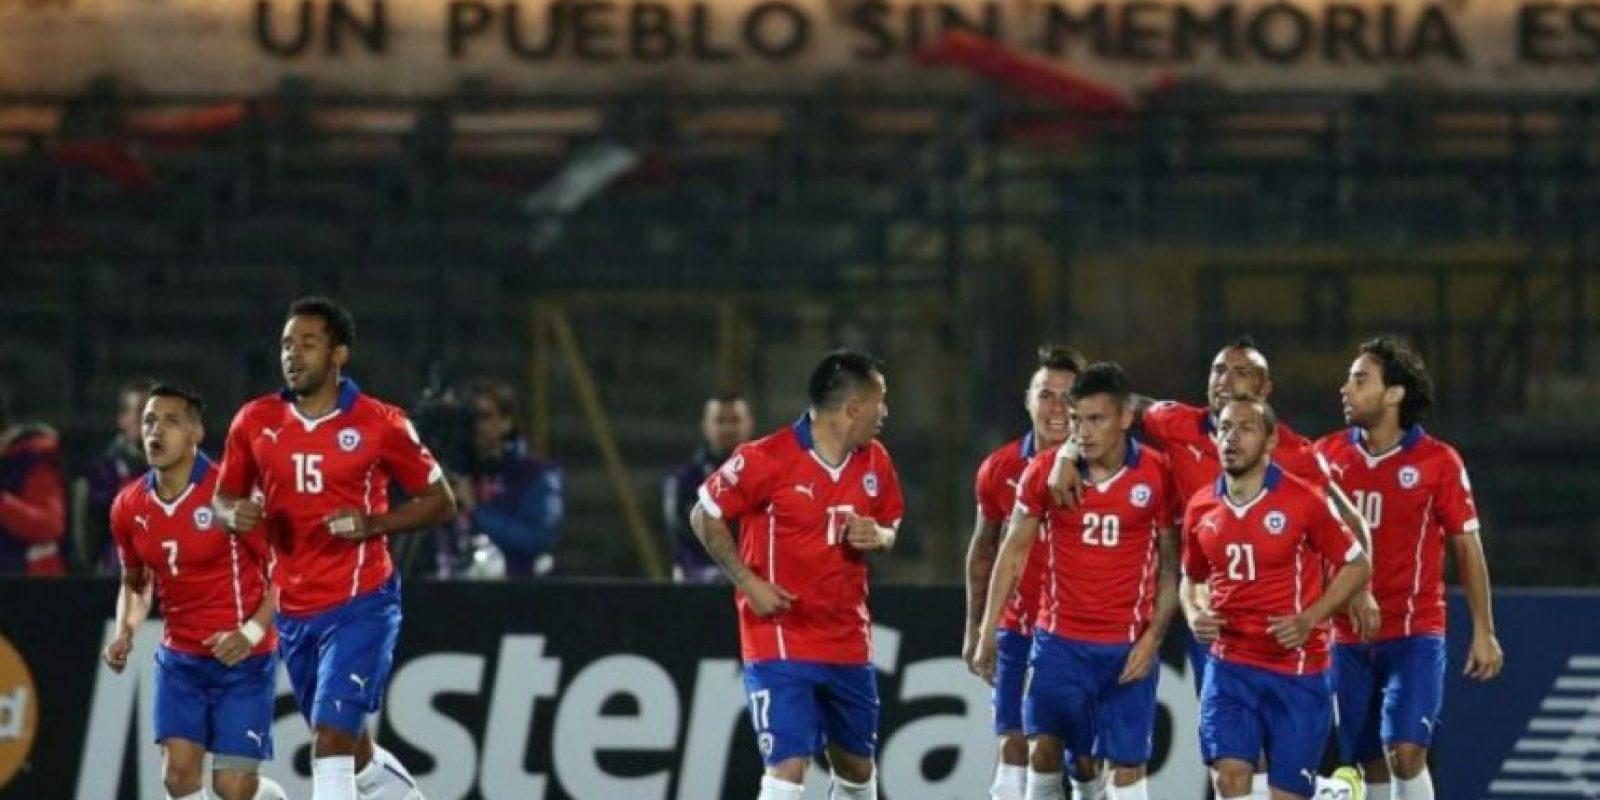 En Colombia 2001, Venezuela 2007 y Argentina 2011 calificó a cuartos de final, pero fue eliminado. En los demás torneos no superó la fase de grupos. Foto:Vía facebook.com/SeleccionChilena